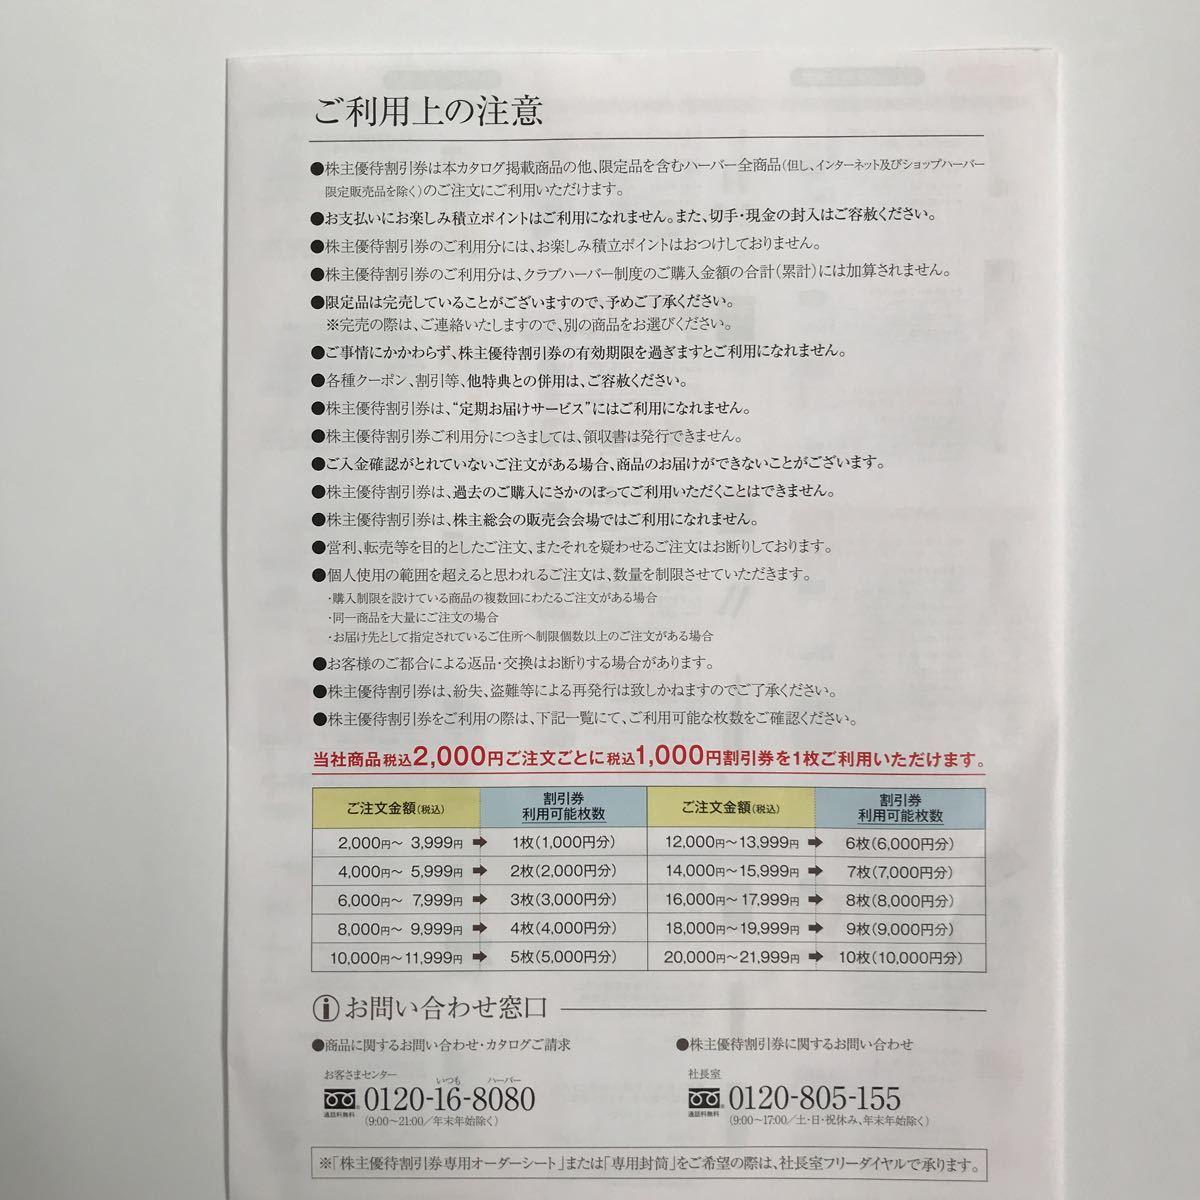 ハーバー 株主優待 割引券_画像3